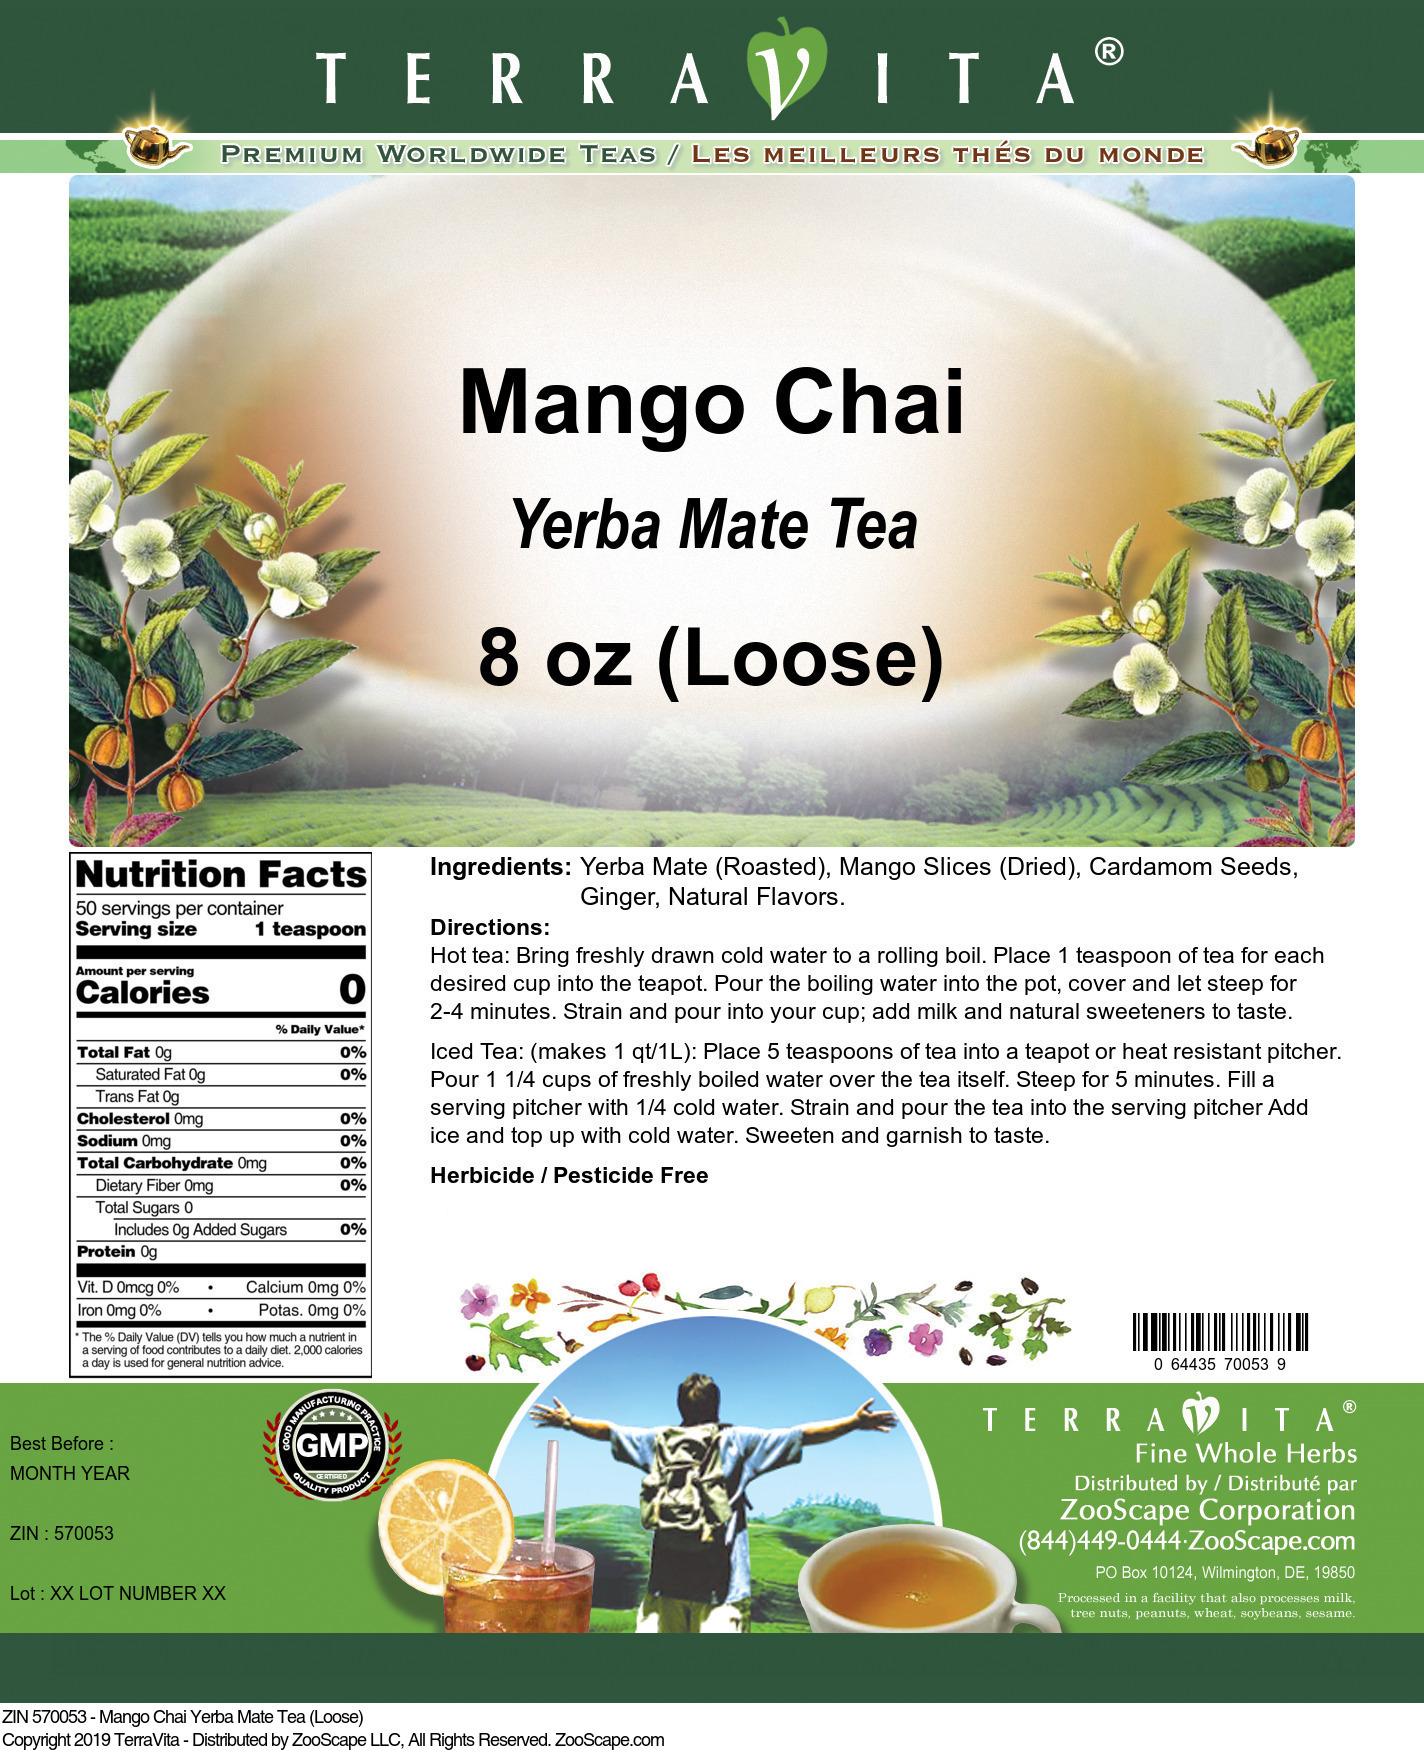 Mango Chai Yerba Mate